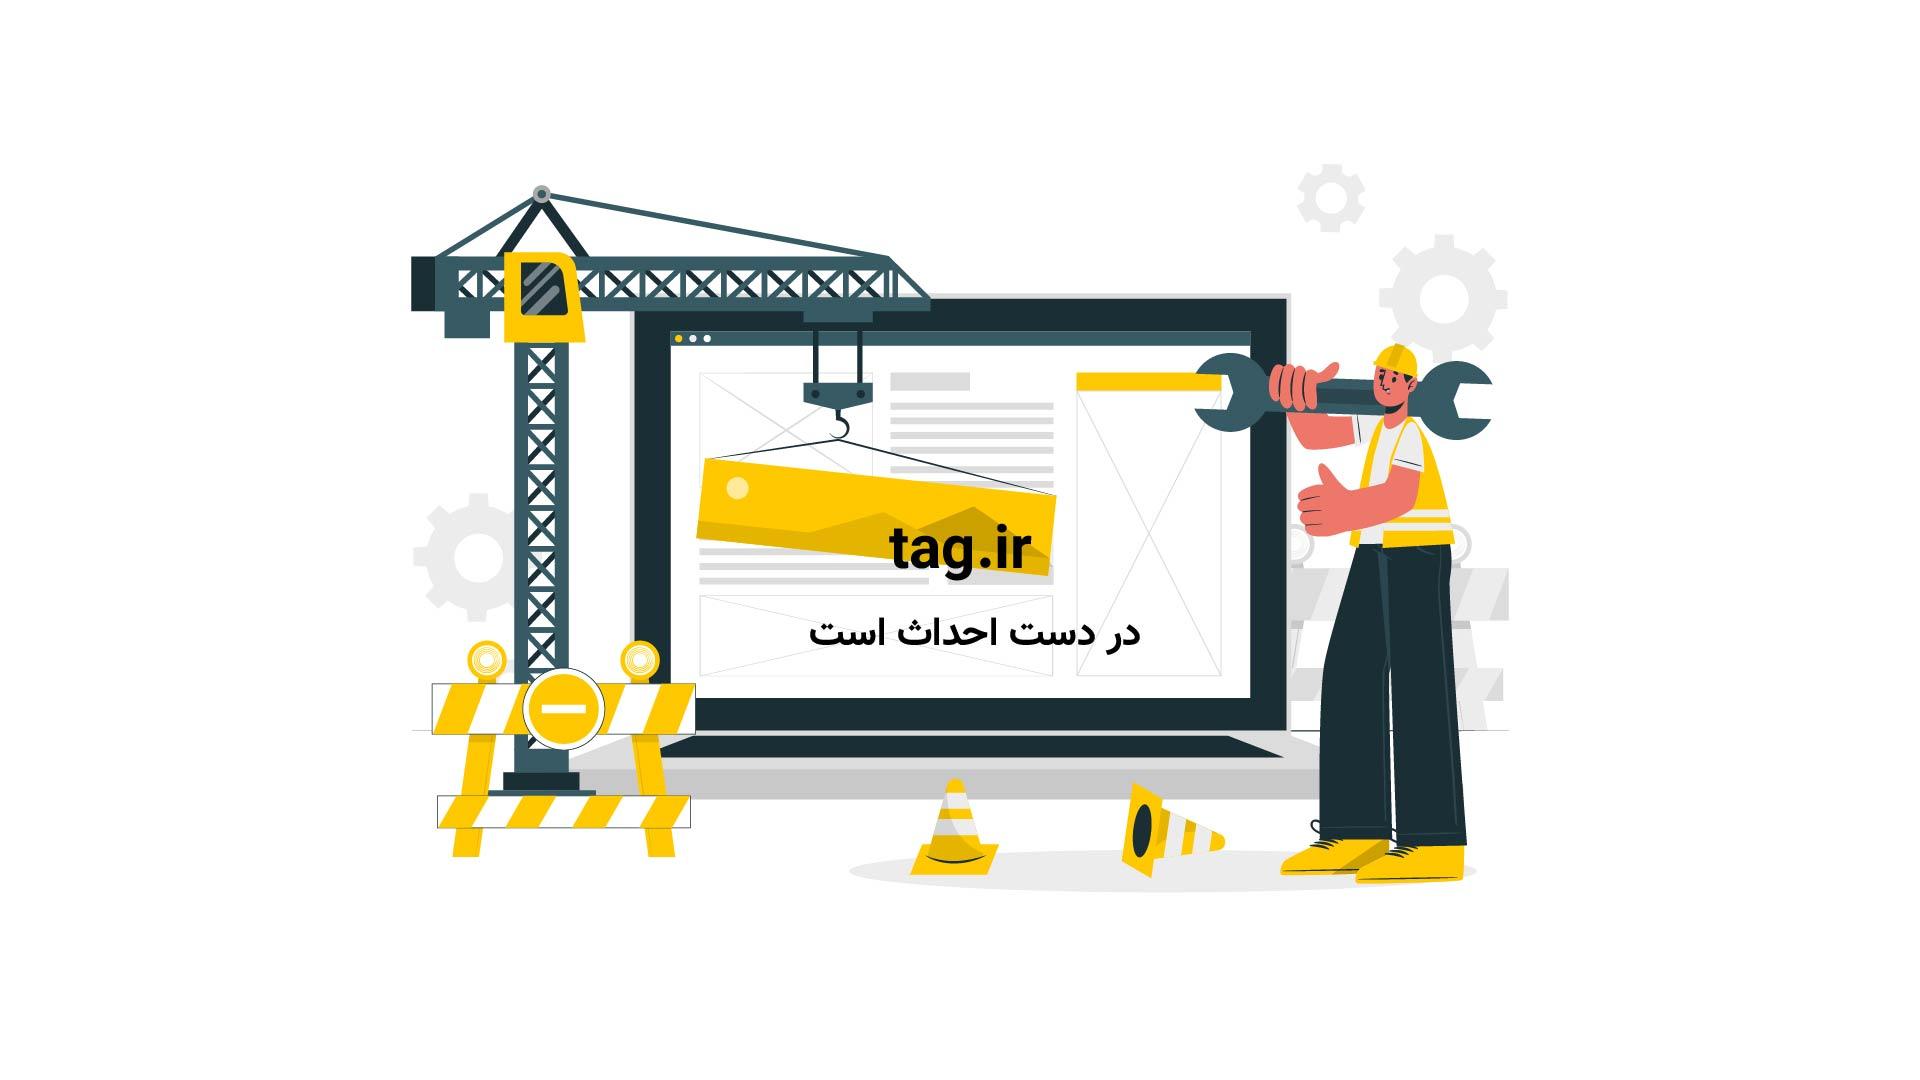 نجات یک فیل که در چاه ده متری گرفتار شده است | فیلم